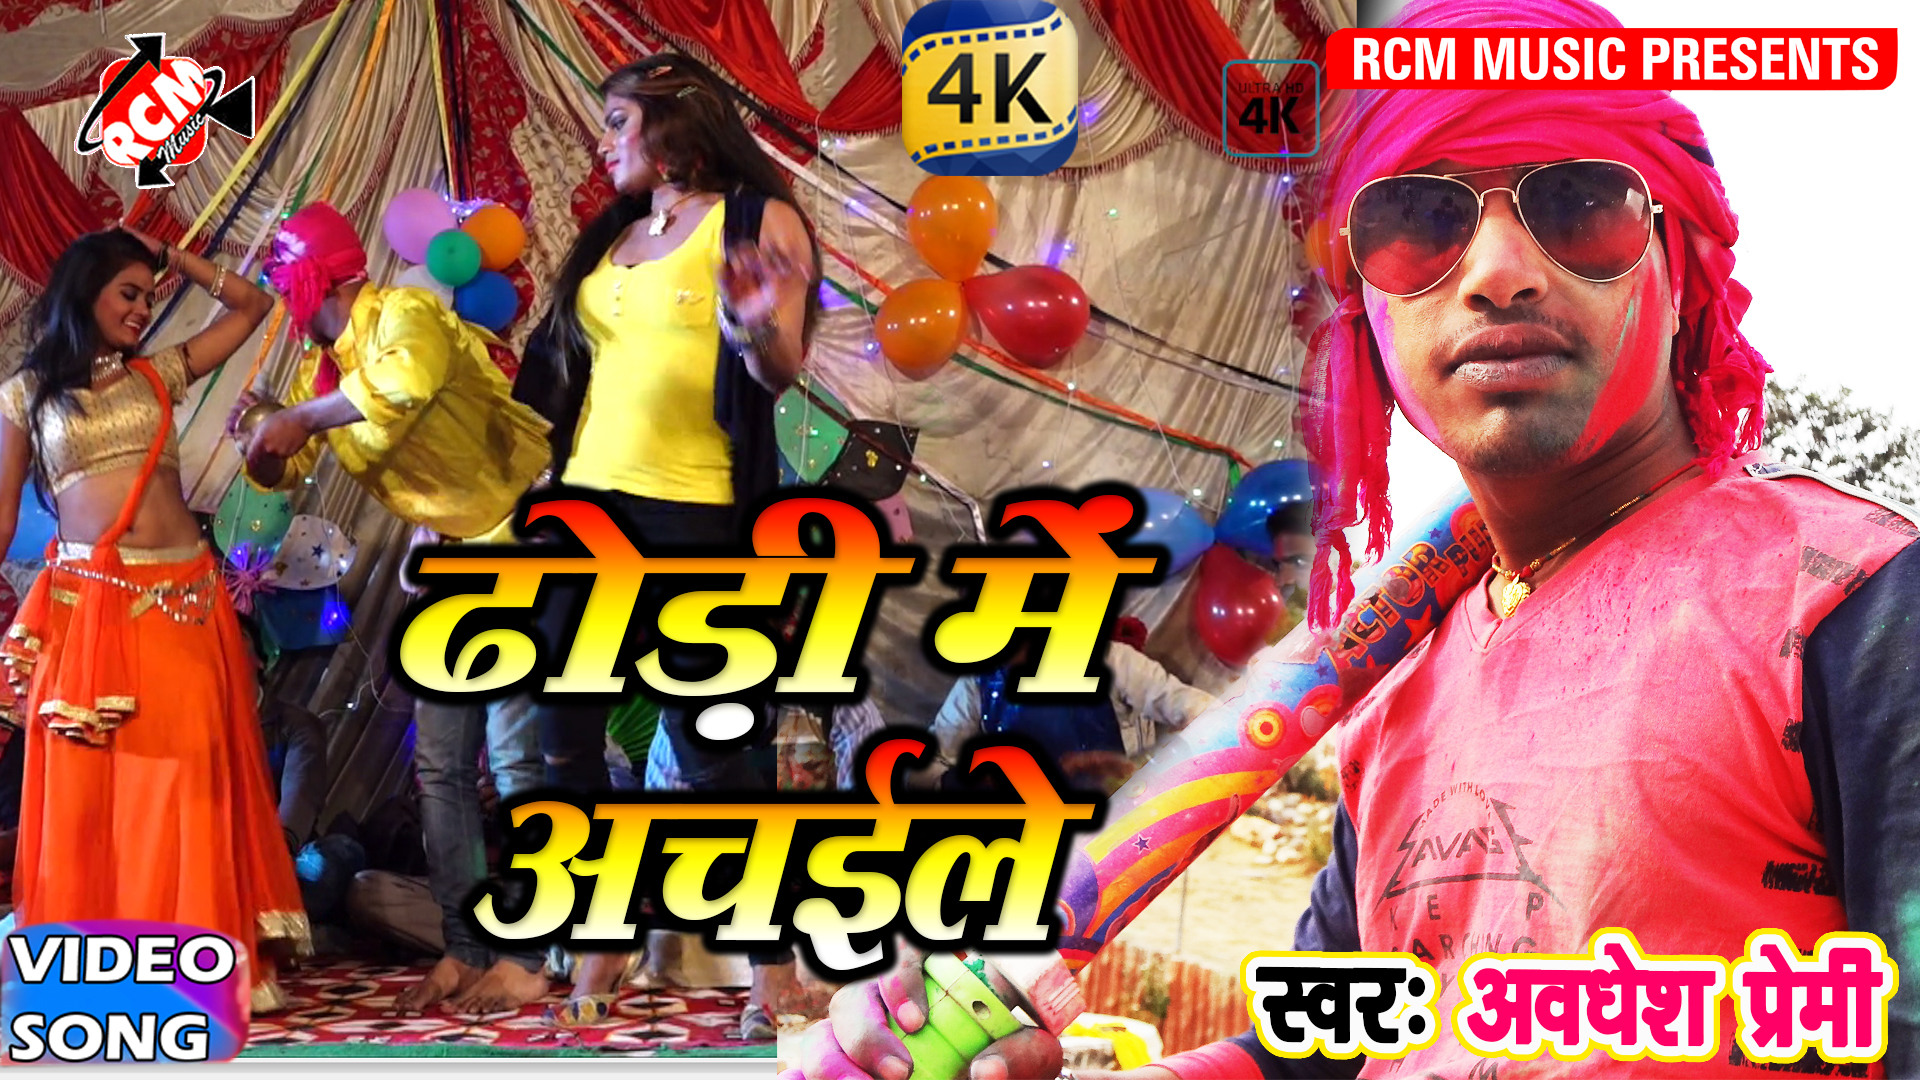 अवधेश प्रेमी का 2018 का सबसे बड़ा फोक देहाती होली वीडियो   ढोड़ी में अचईले   Dhodi Me Acha